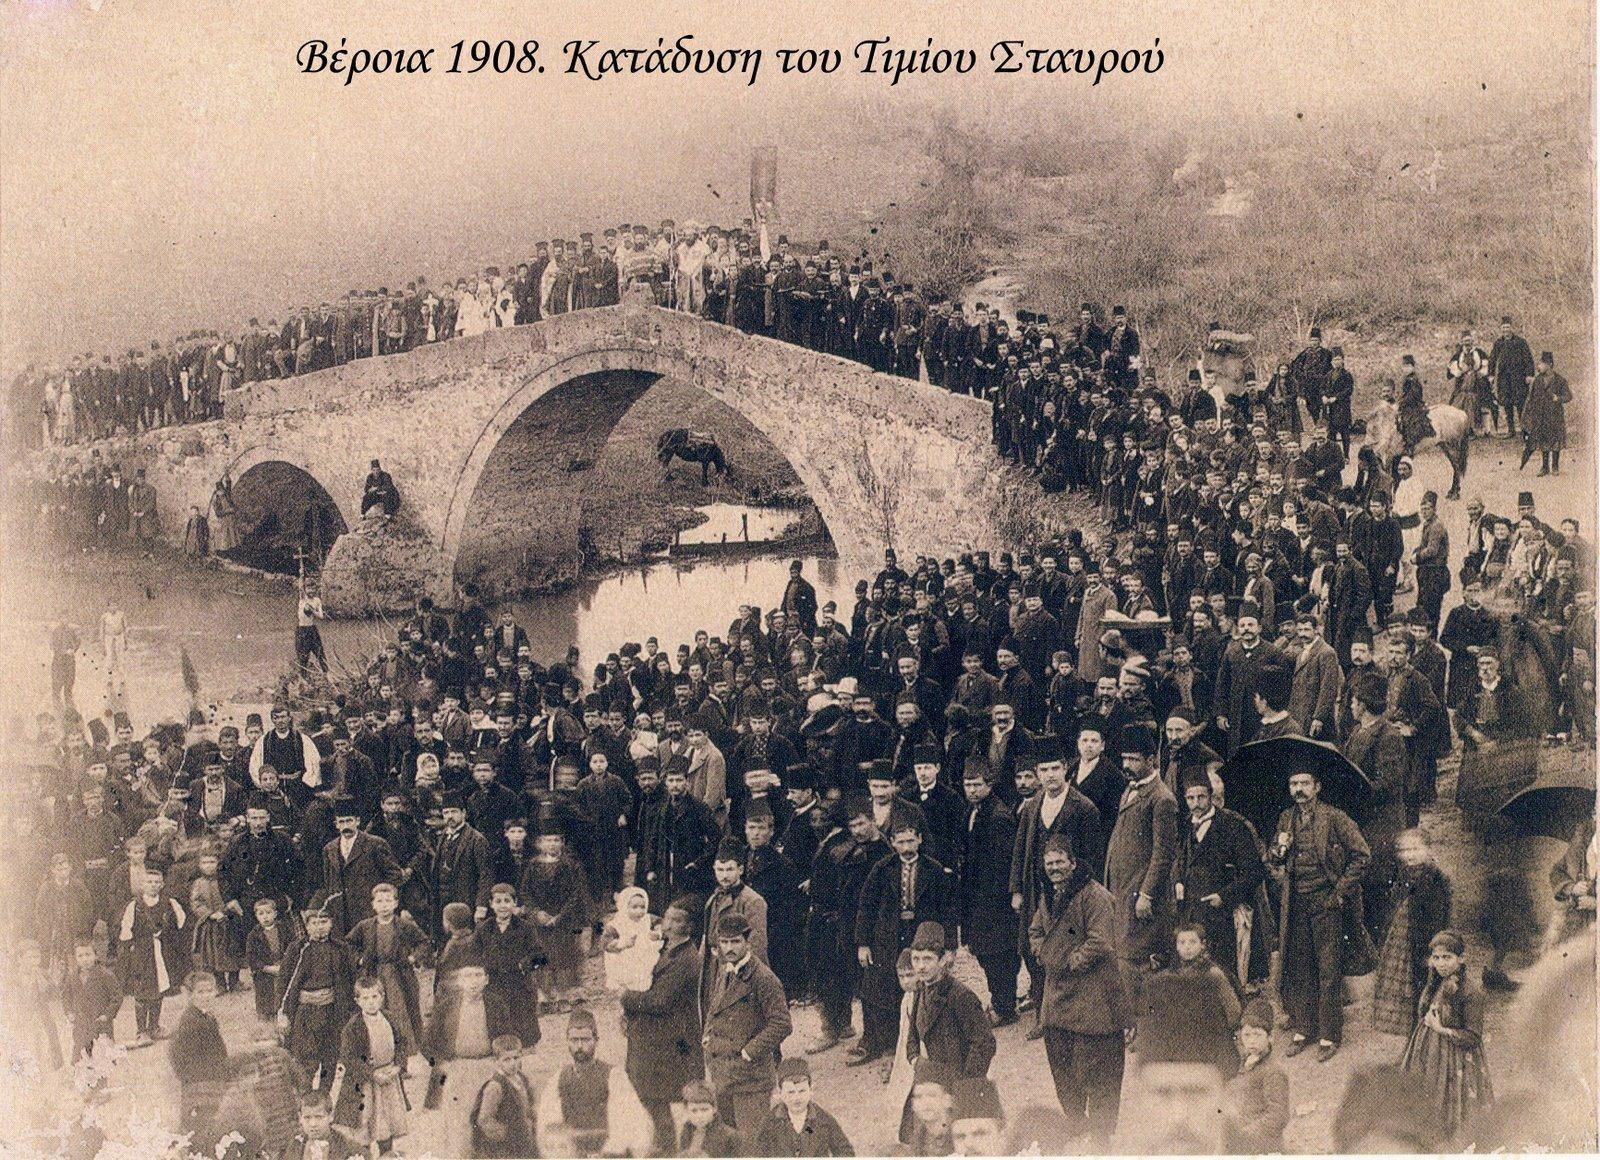 Βέροια 1908. Κατάδυση του Τιμίου Σταυρού